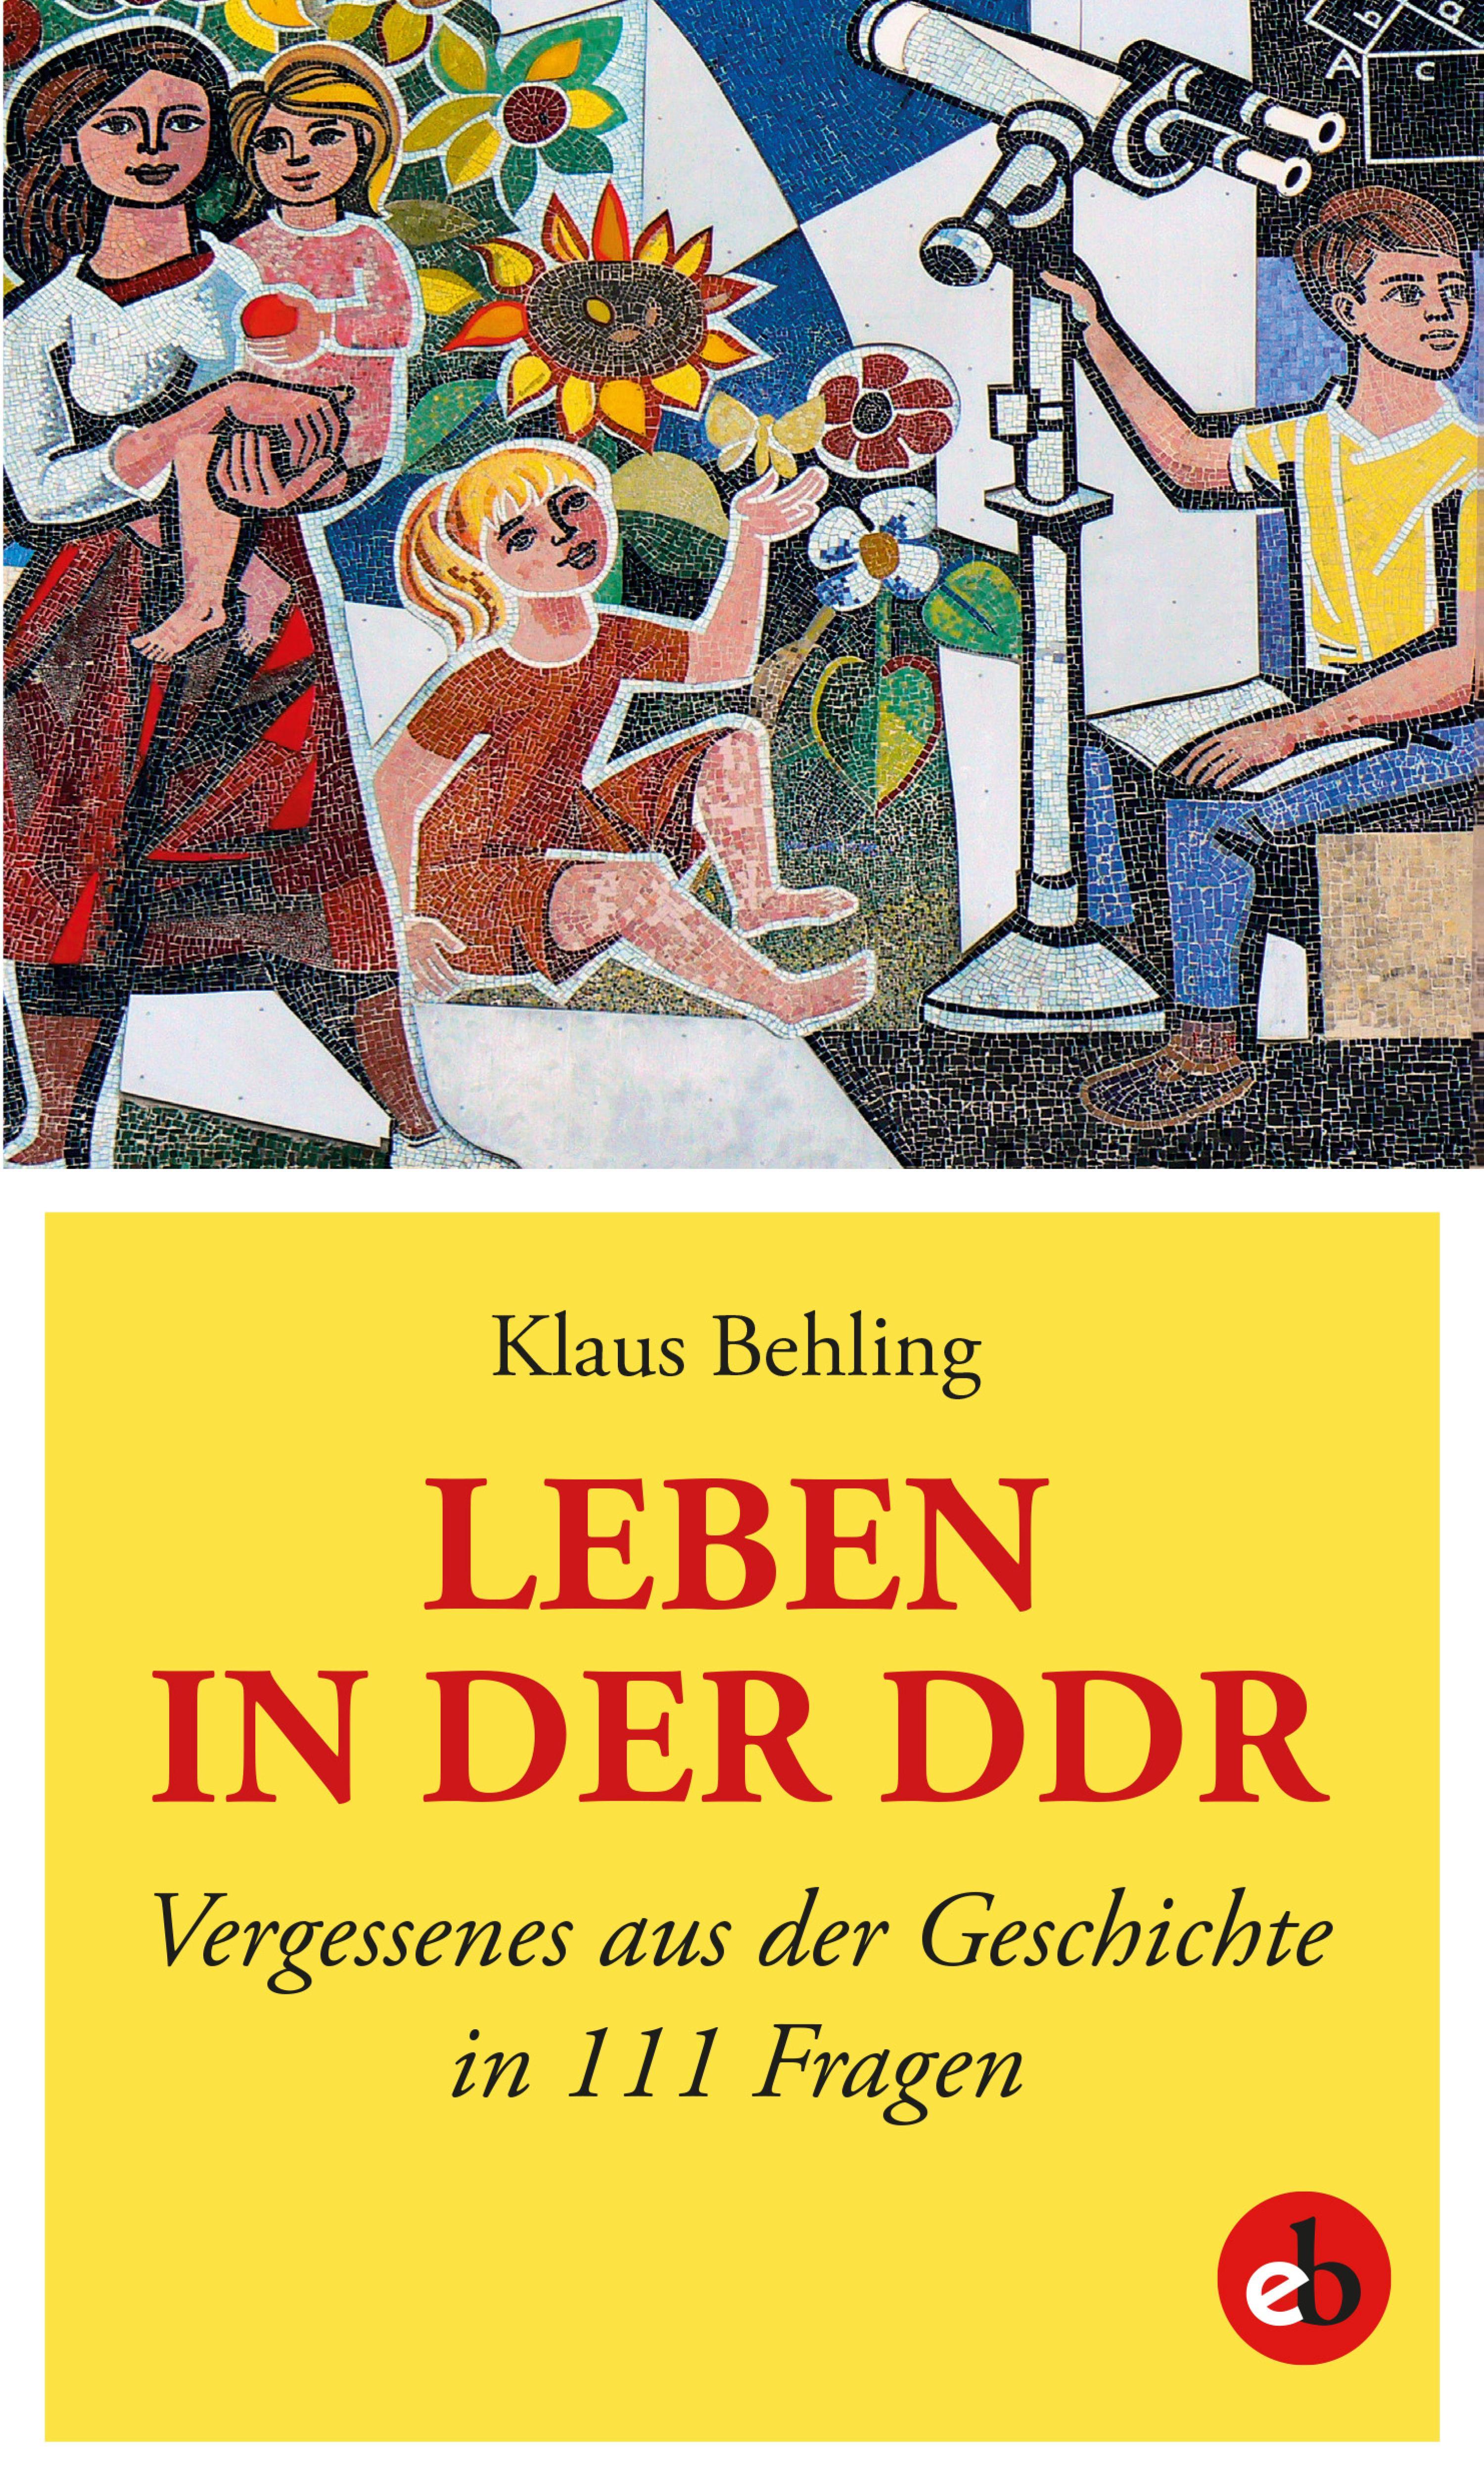 Klaus Behling Leben in der DDR klaus behling mata haris in ostberlin